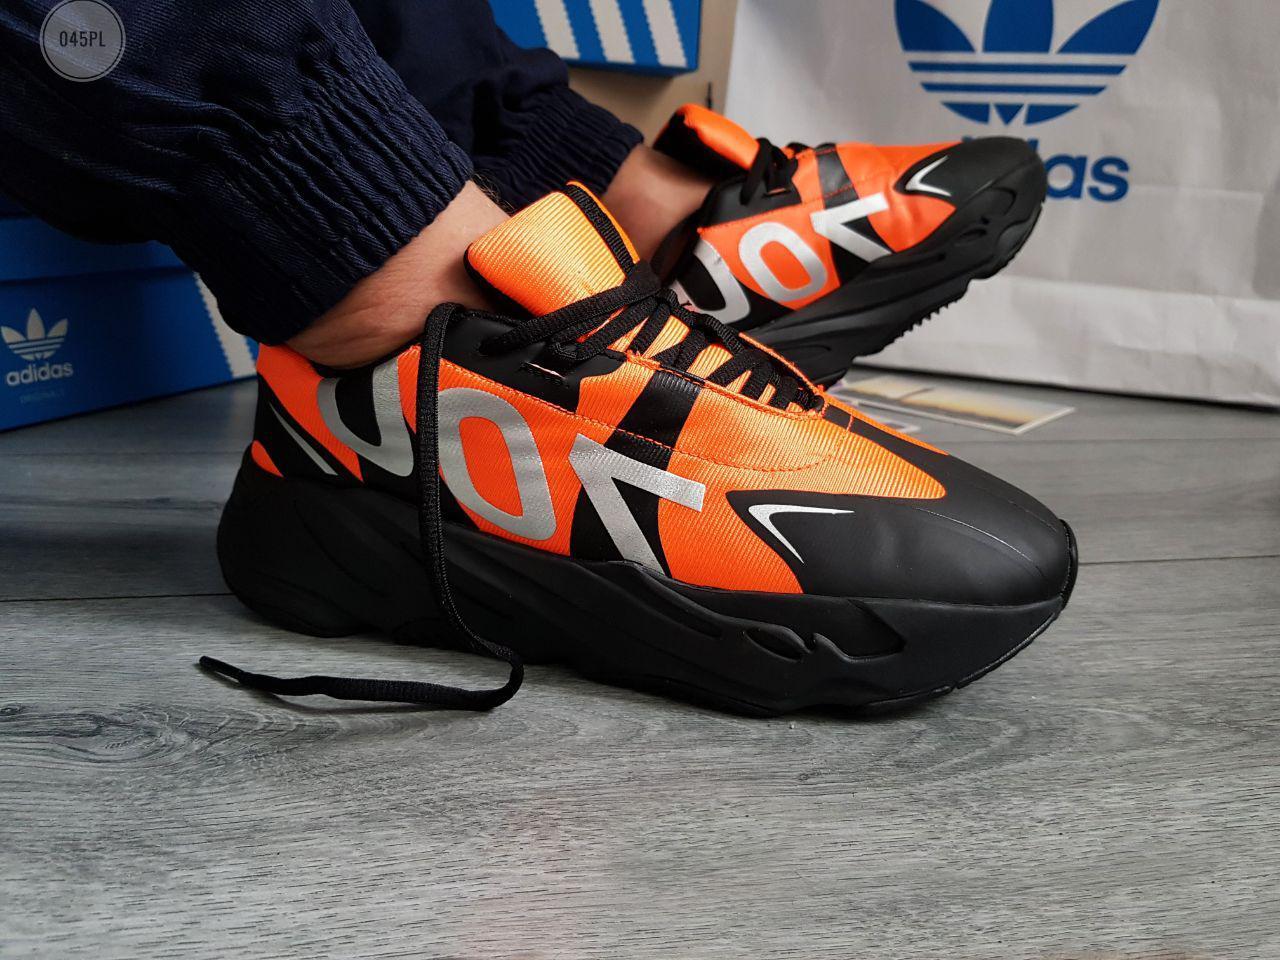 Мужские кроссовки Adidas Yeezy Boost 700 VX